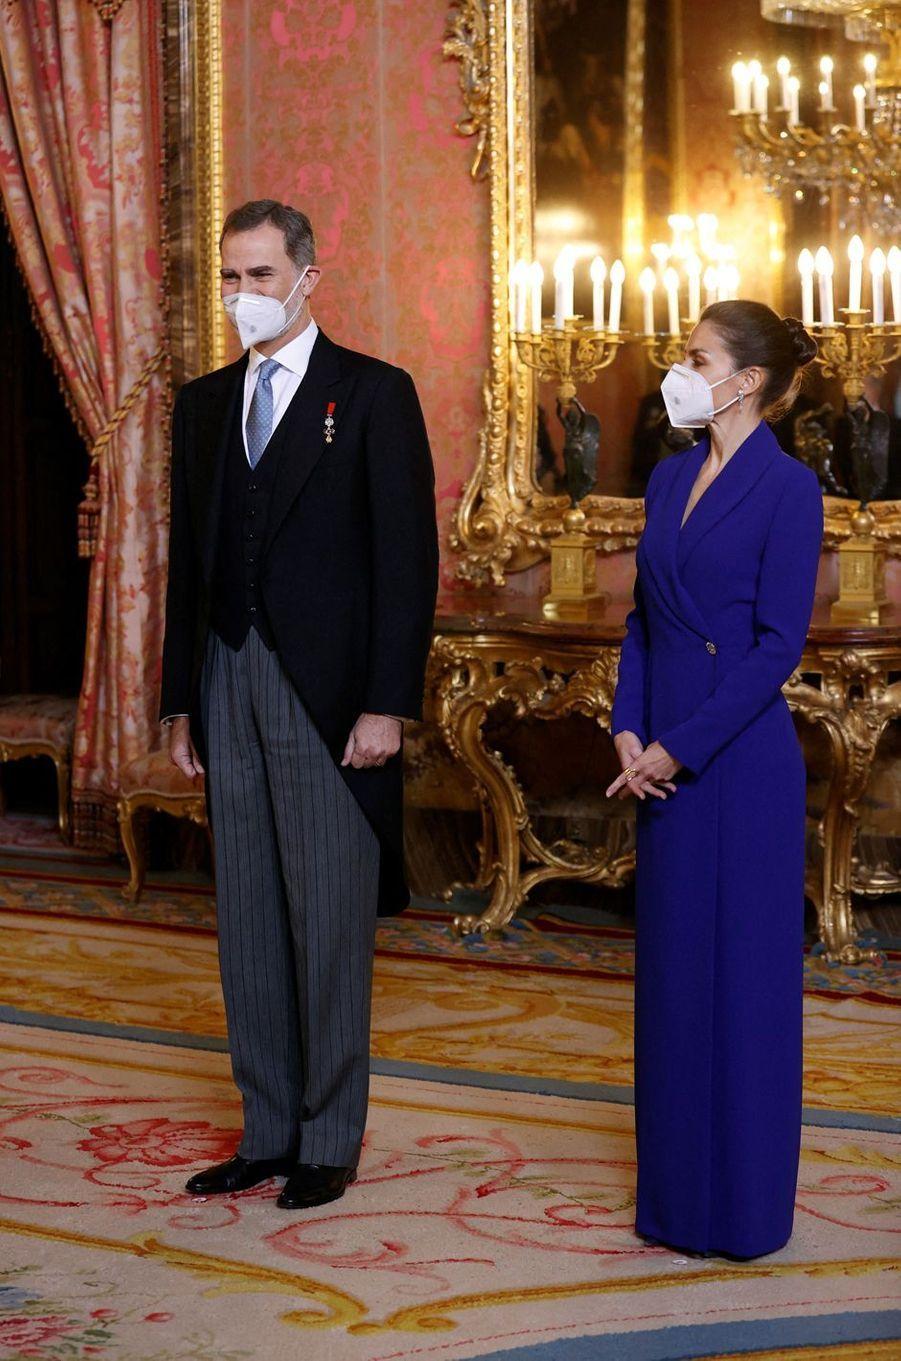 Le roi Felipe VI et la reine Letizia d'Espagne à Madrid, le 28 janvier 2021